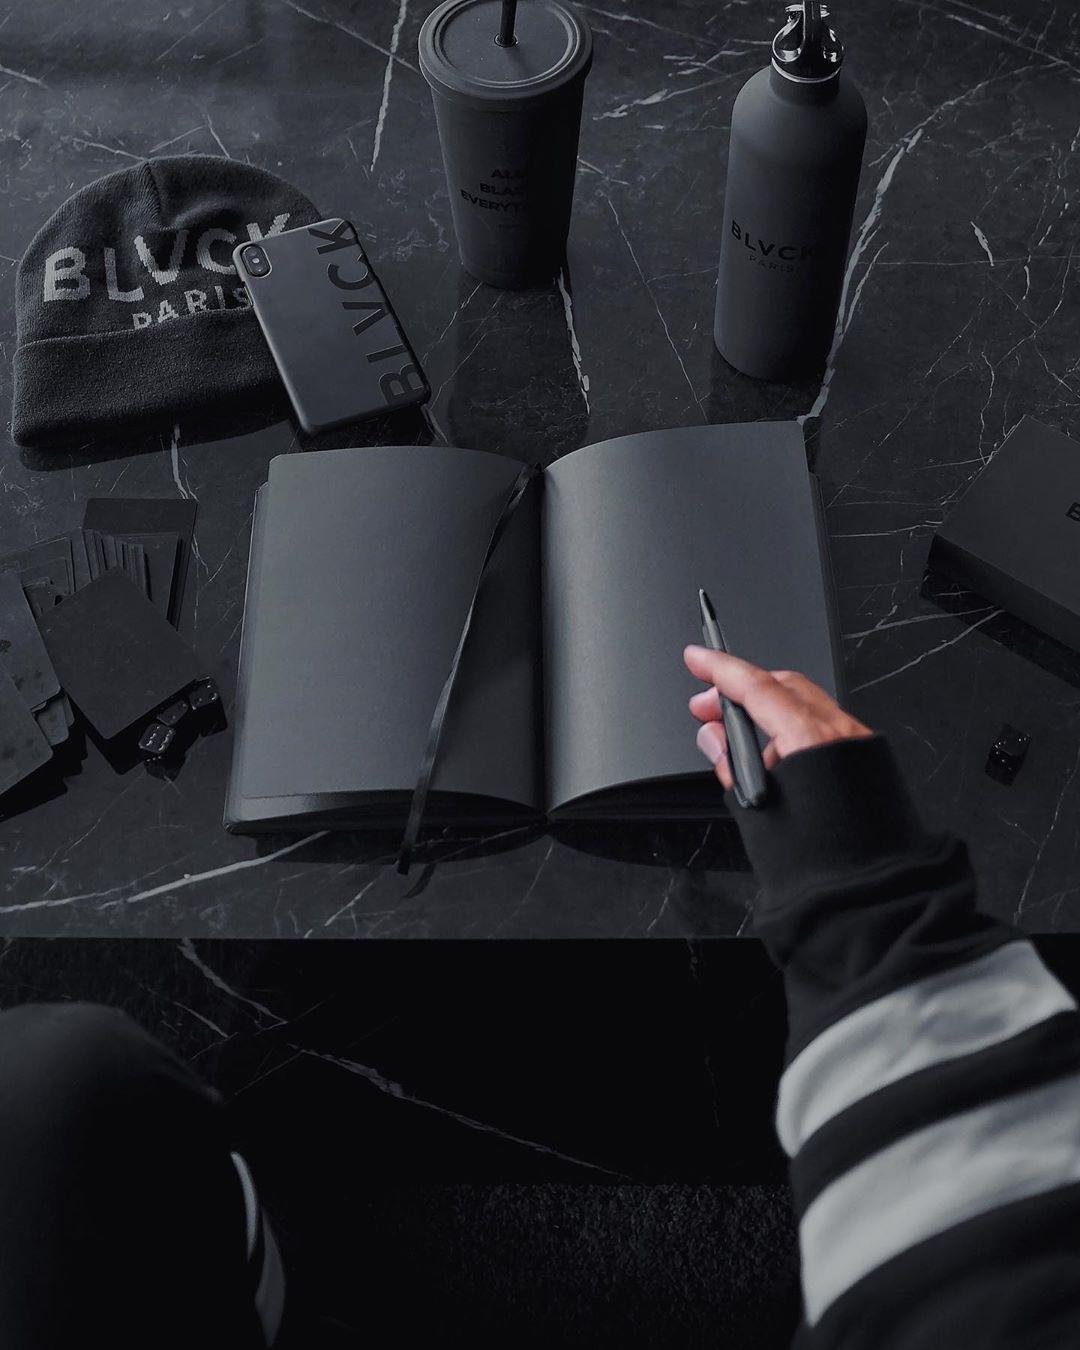 Pin by Han yoora on Pakaian hitam in 2020 | Black ...